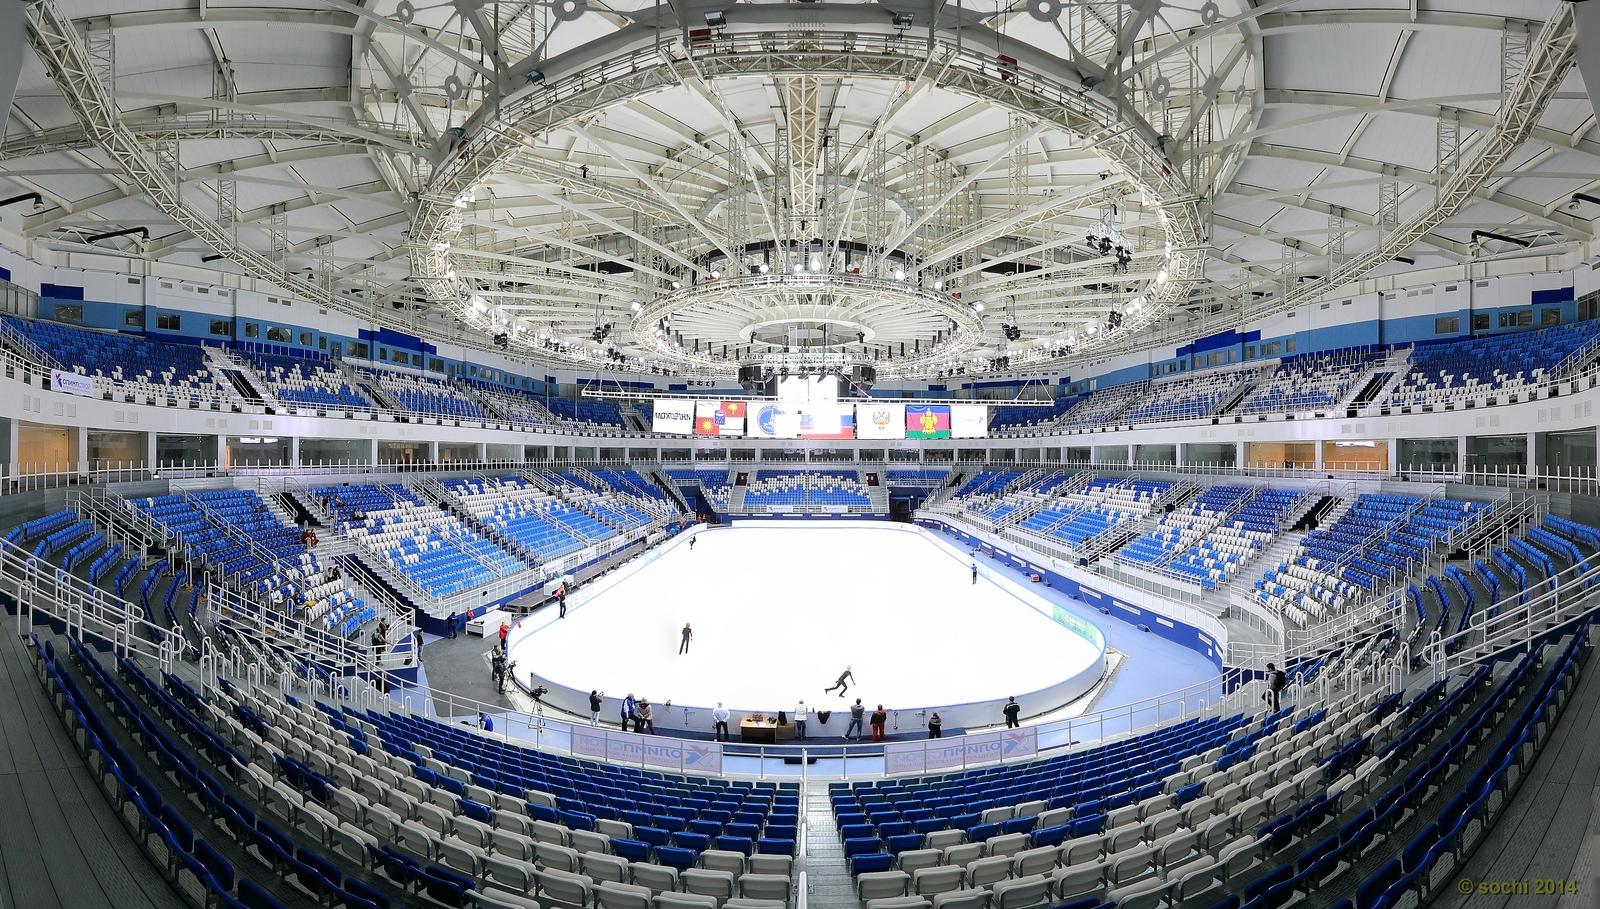 Лдовая арена шайба олимпийские рекорды